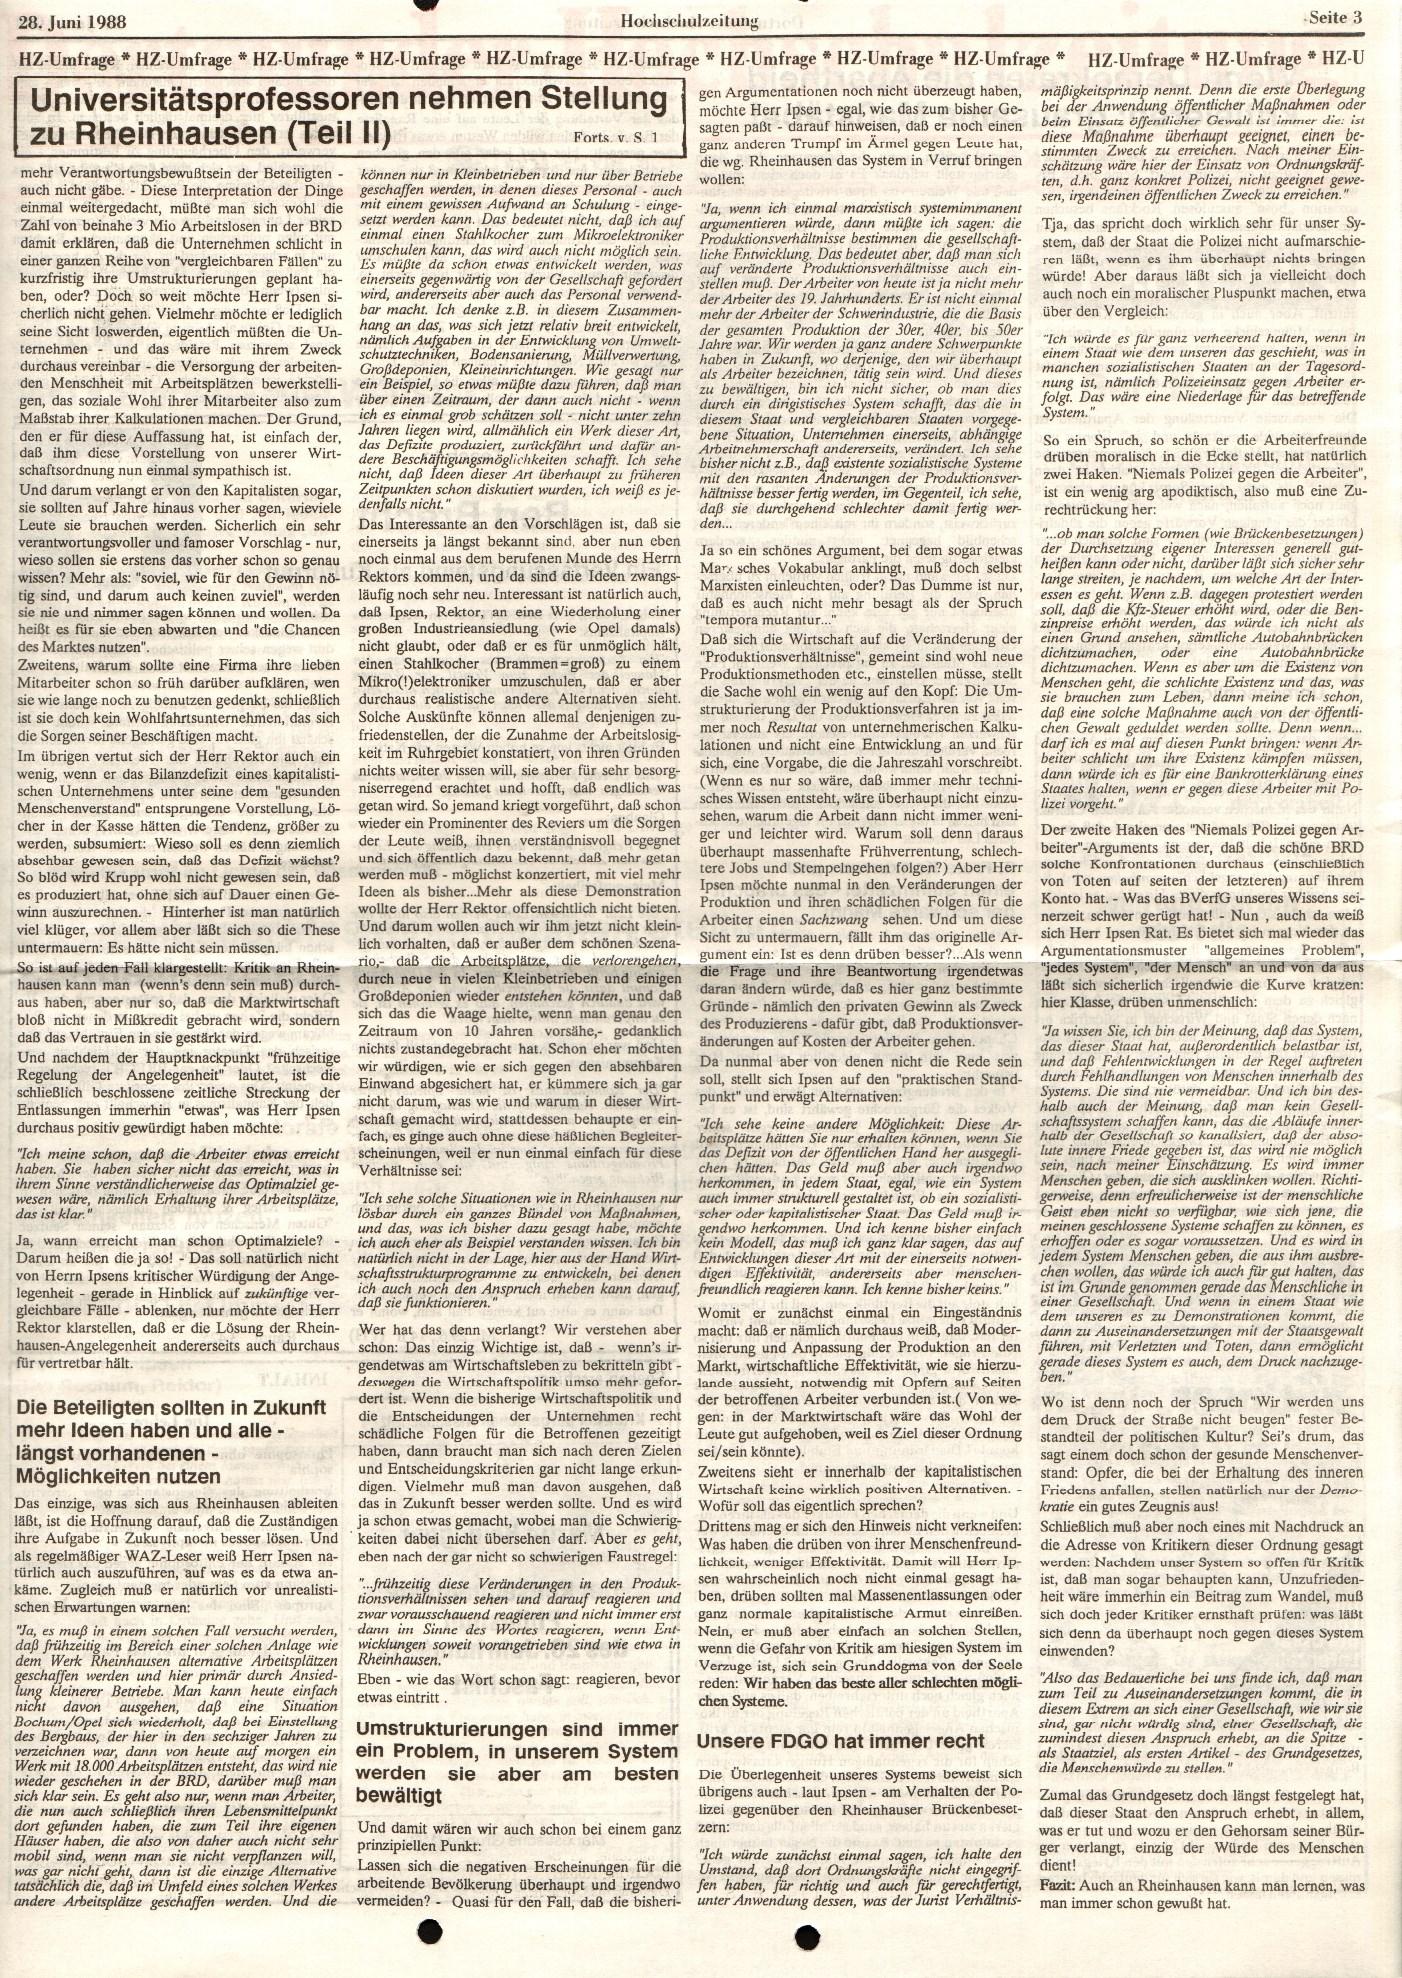 MG_Dortmunder_Hochschulzeitung_19880628_03